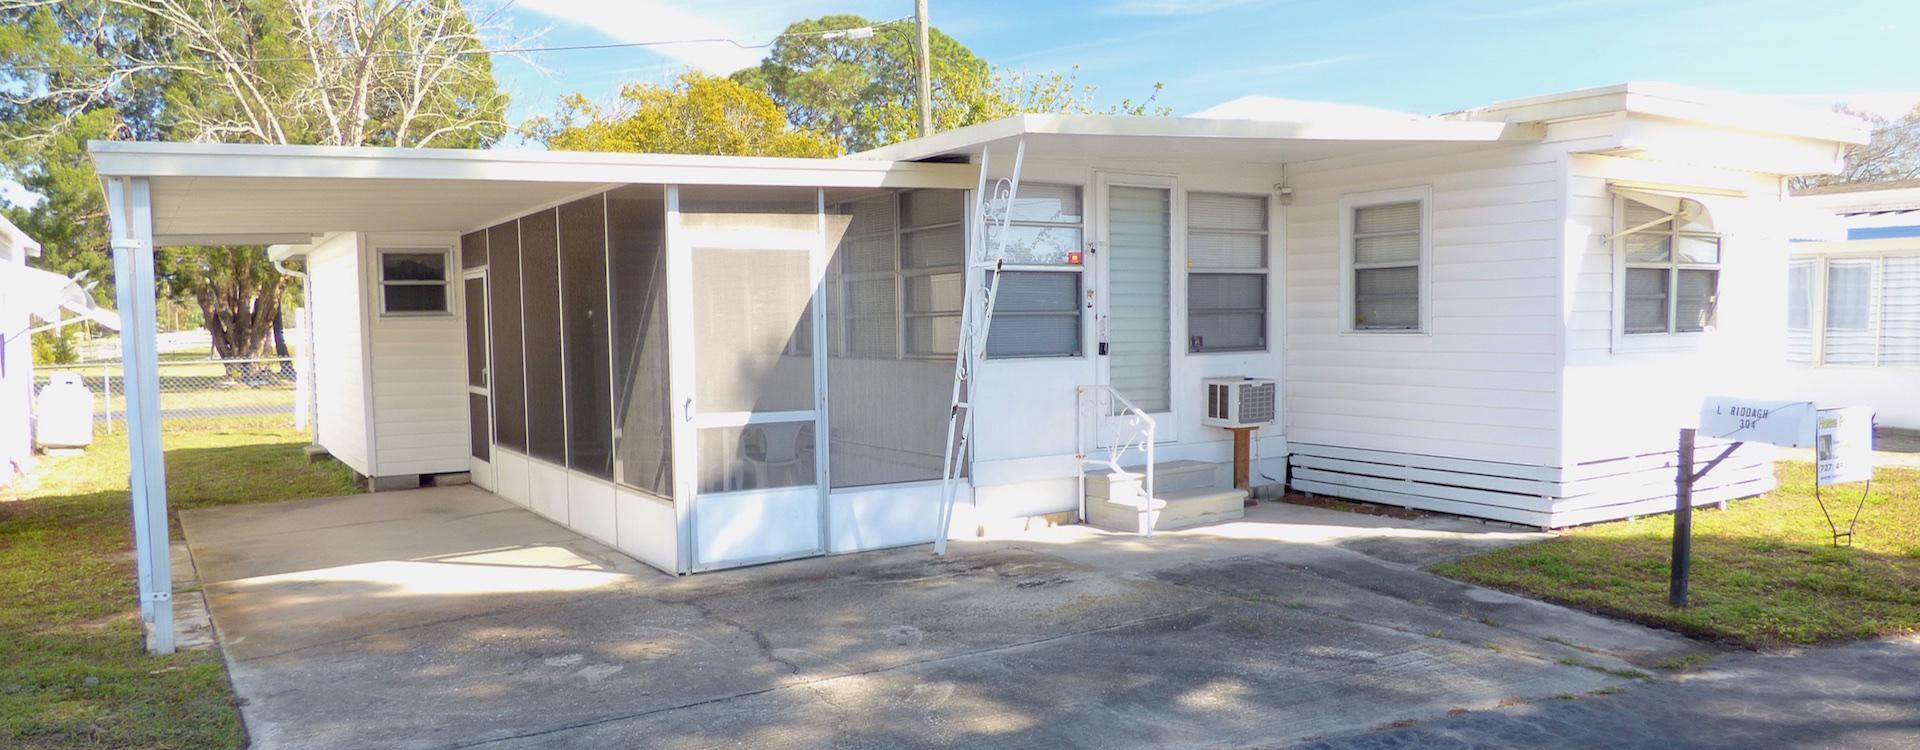 Mobile Home For Sale Saint Petersburg Fl Patio Village 304